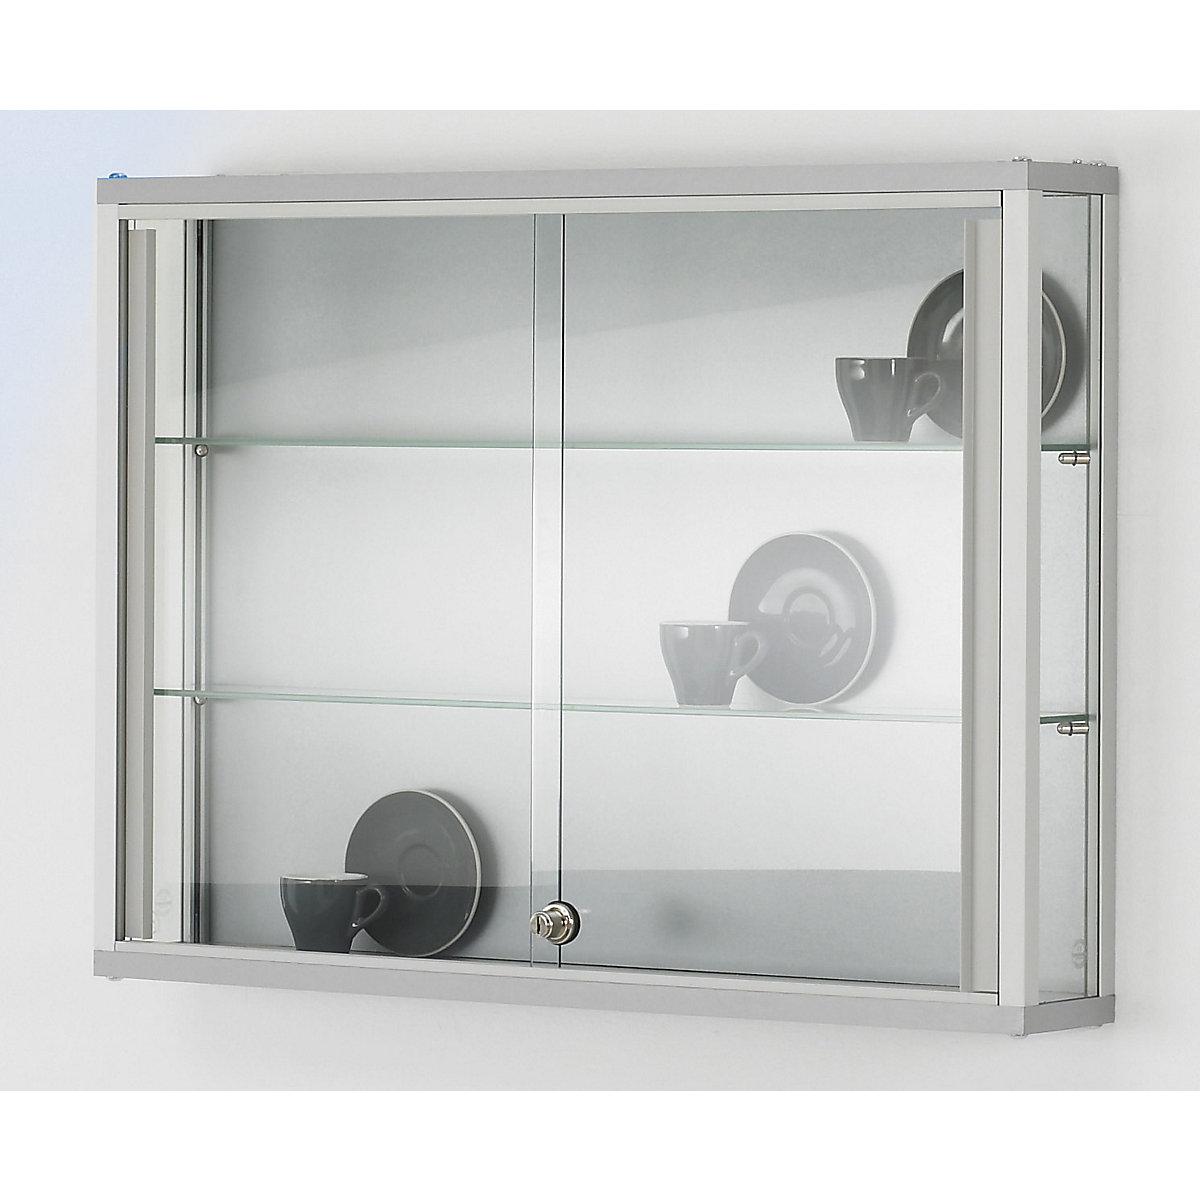 Link Wall Mounted Glass Cabinet 2 Shelves Sliding Doors Kaiser Kraft International